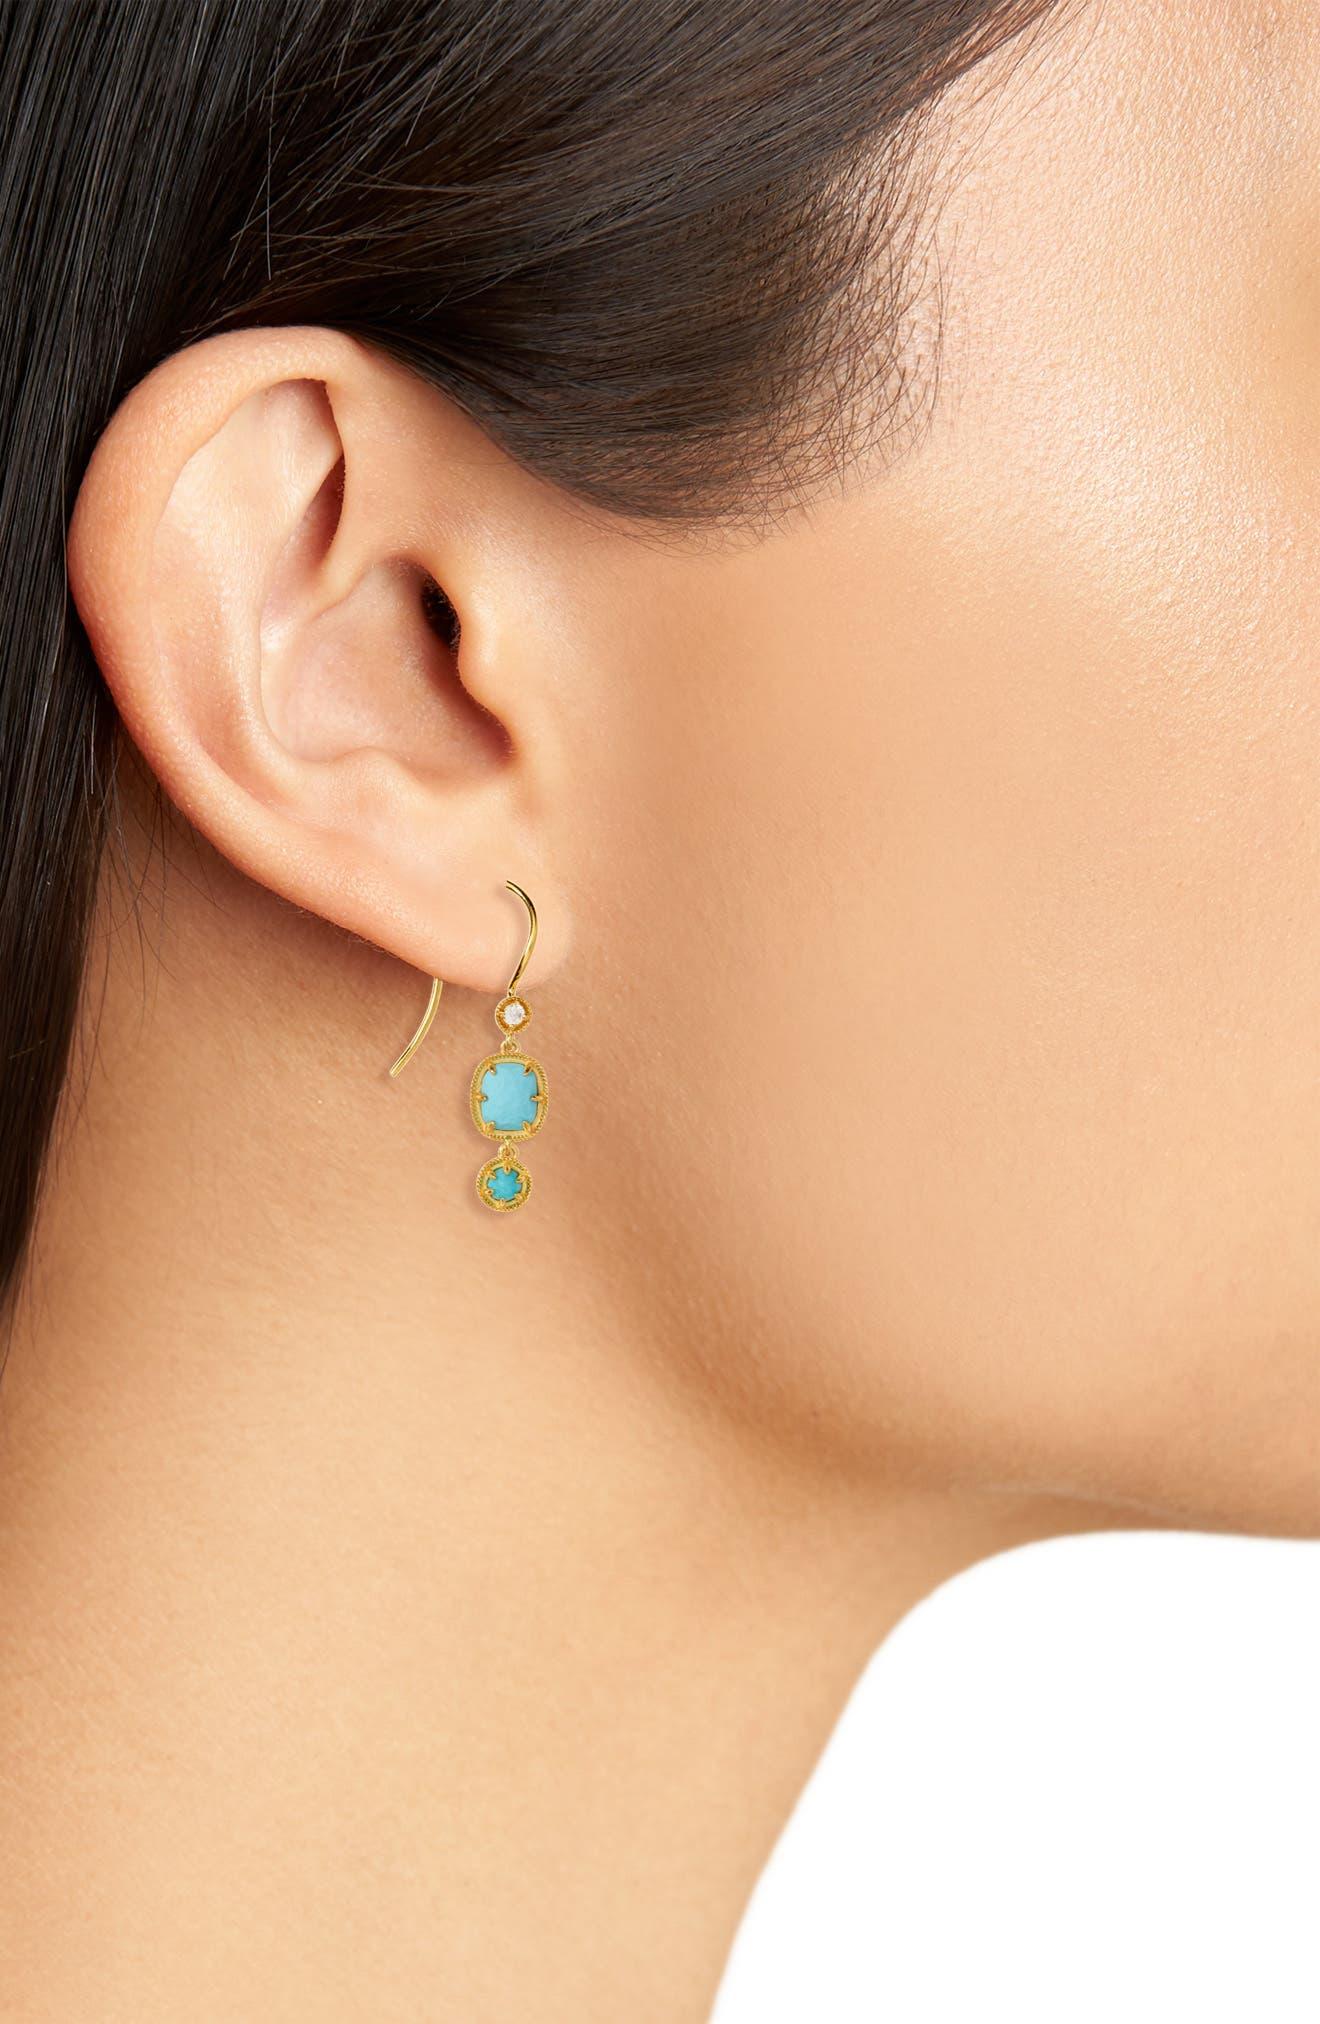 Cleo Semiprecious Drop Earrings,                             Alternate thumbnail 2, color,                             440